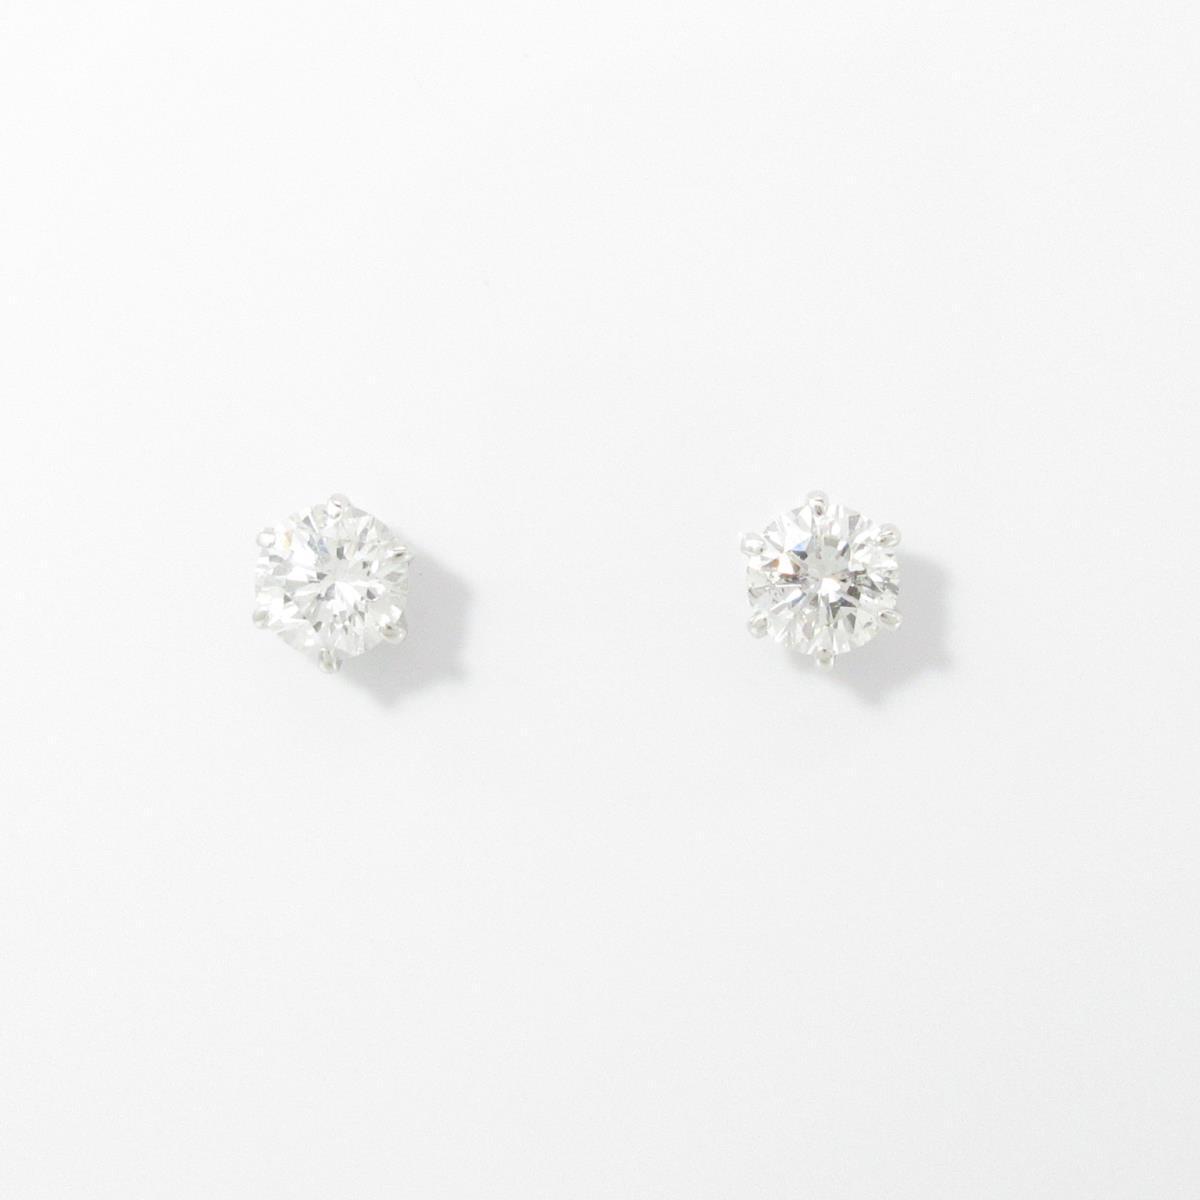 プラチナダイヤモンドピアス 0.346ct・0.365ct・F-G・SI1-2・GOOD【中古】